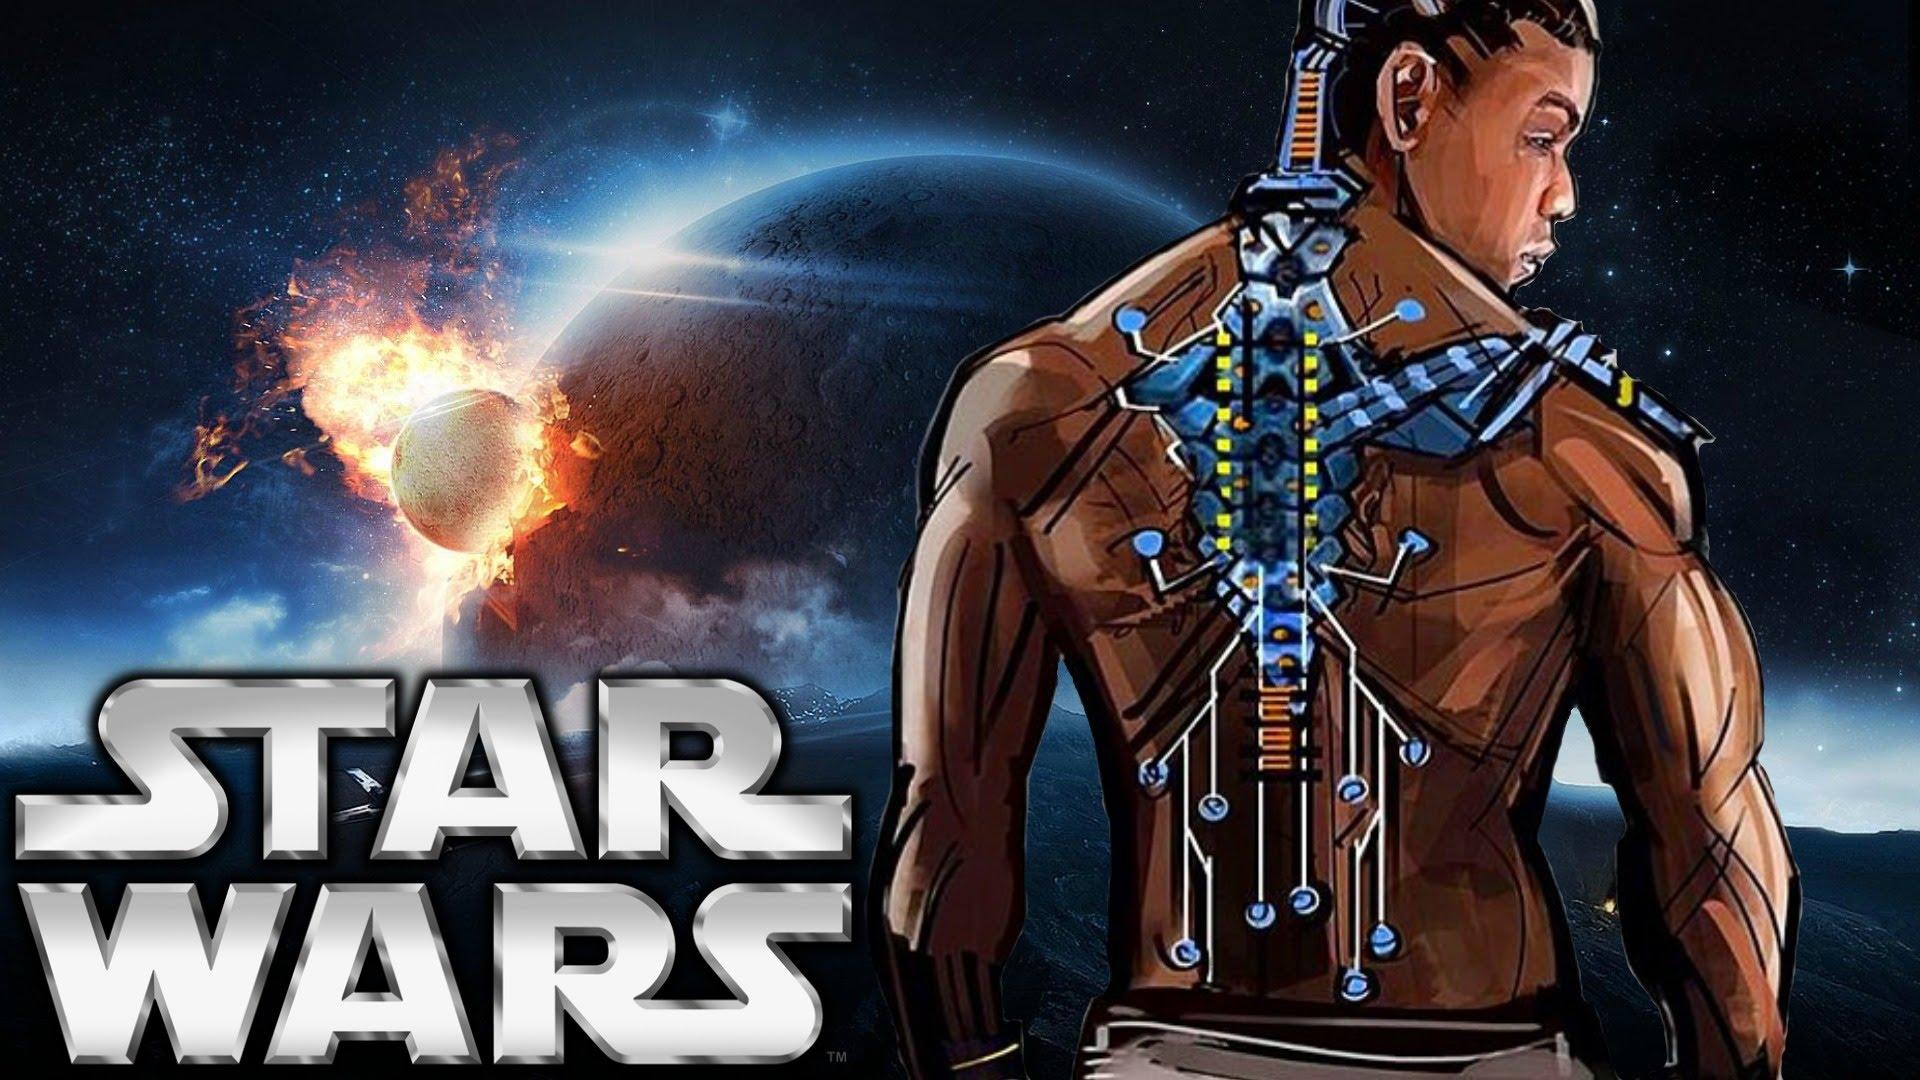 Star wars the last jedi hd wallpaper background image - Star wars the last jedi wallpaper ...